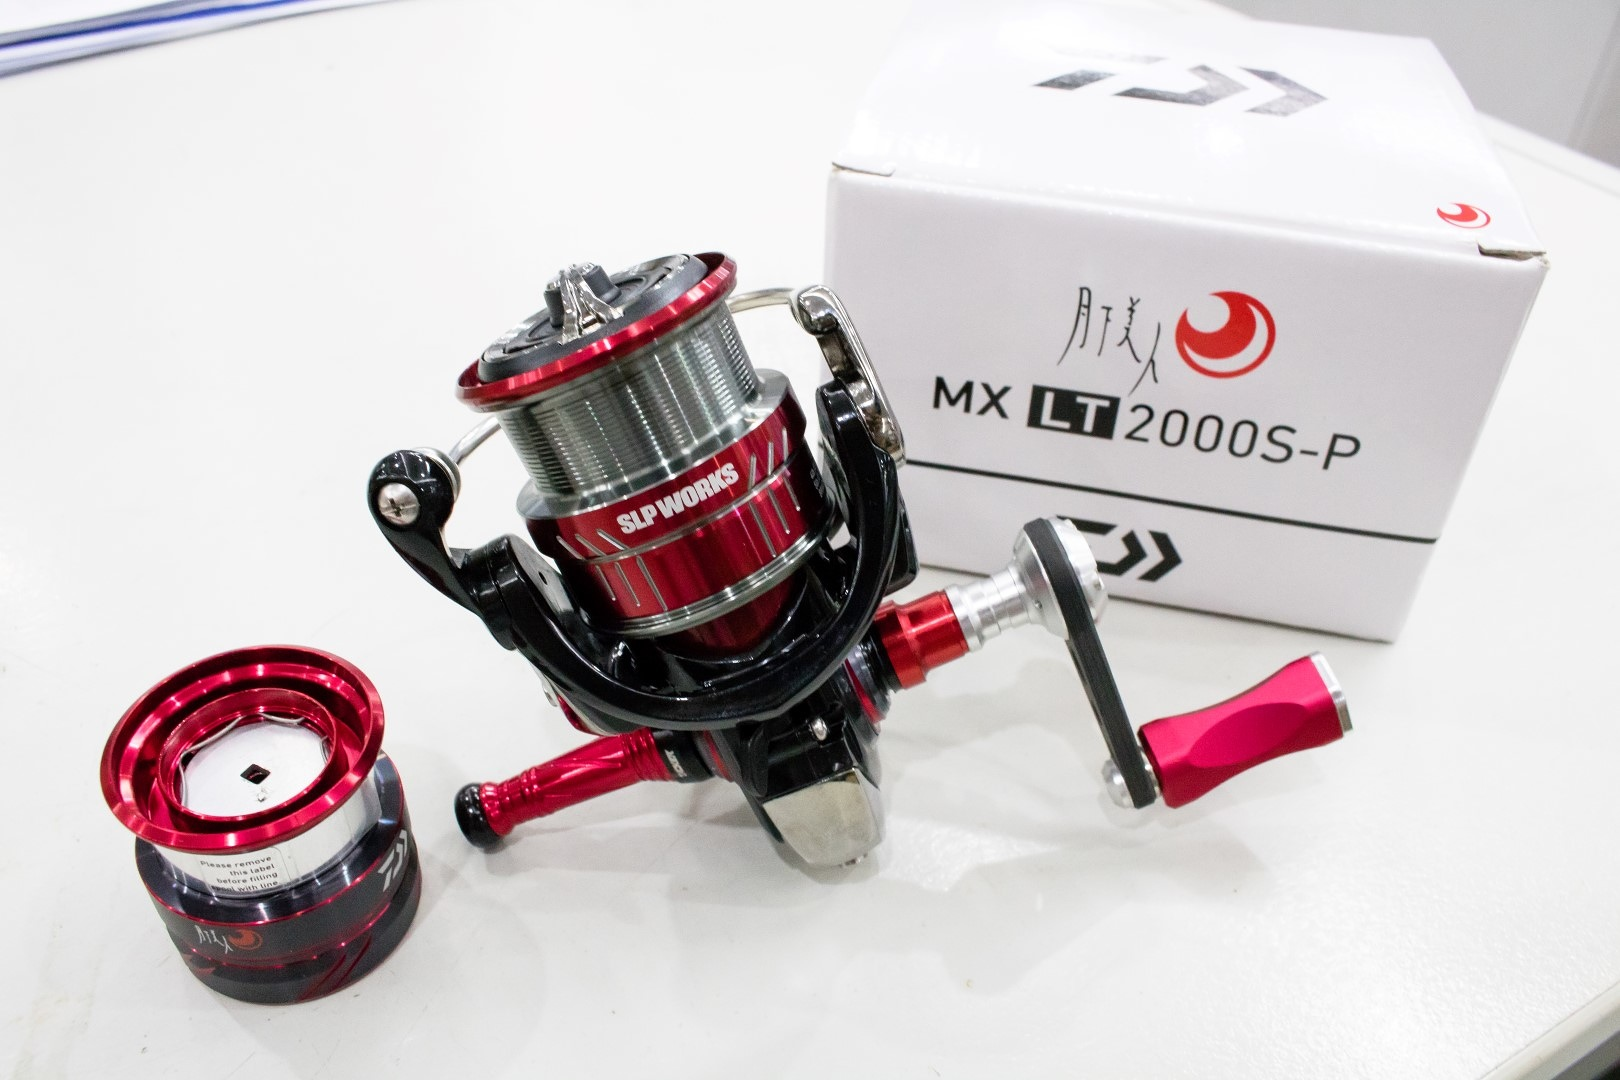 MX LT 2000S-P แต่งตามงบ